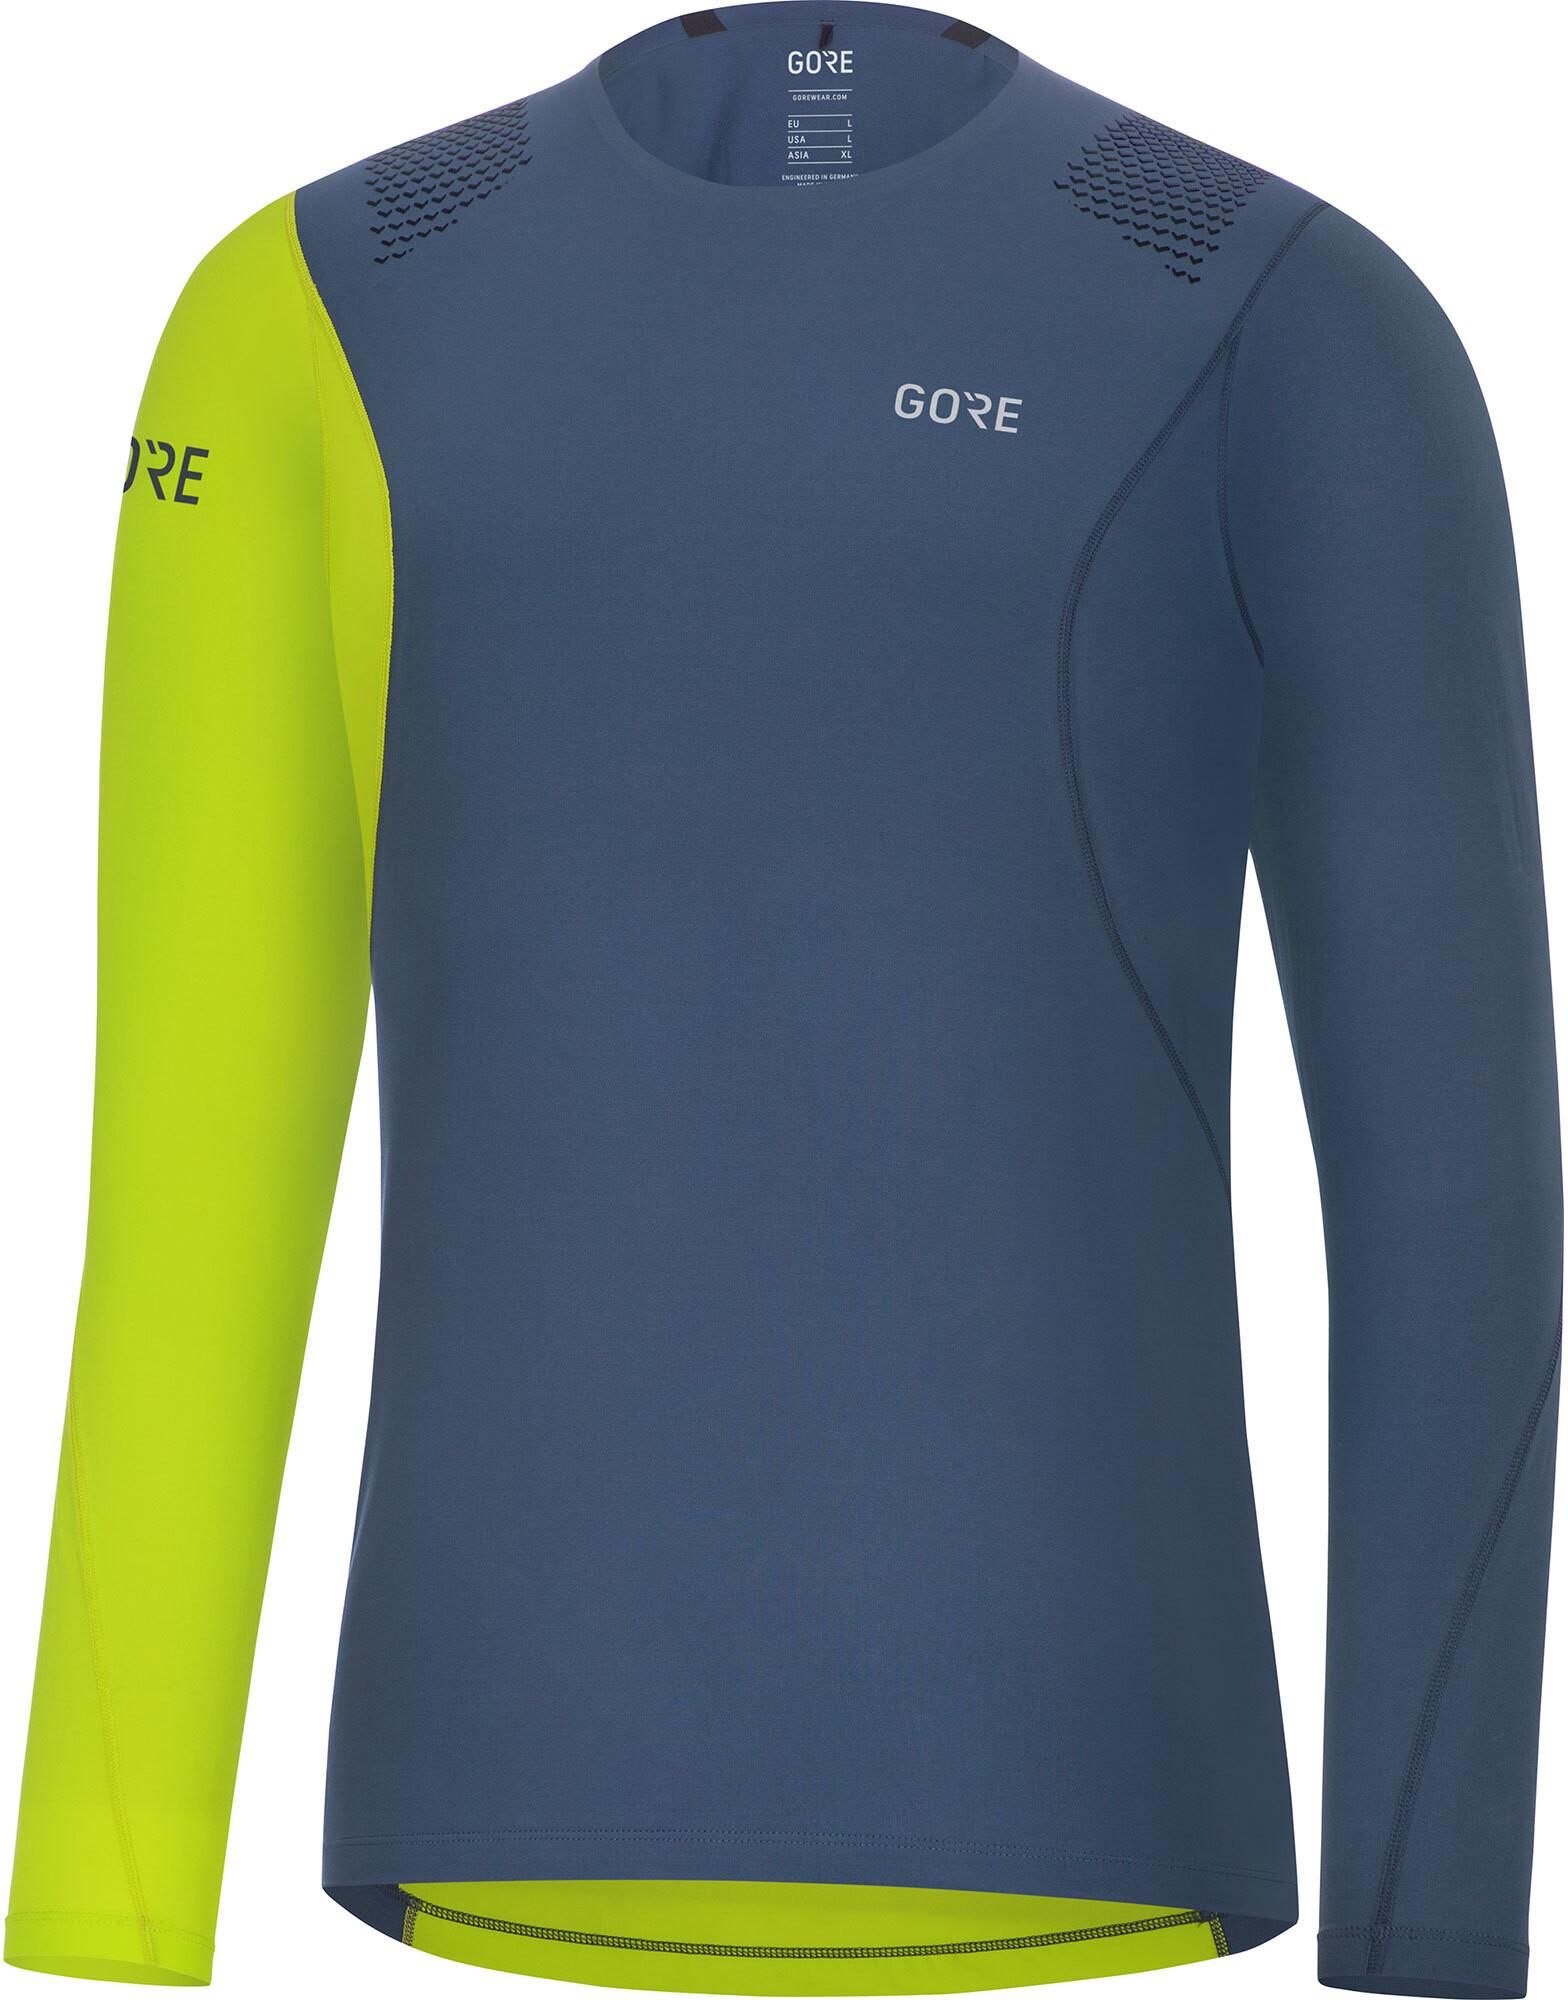 GORE WEAR R7 Maglietta corsa maniche lunghe Uomo verde blu su Addnature 318548932bce